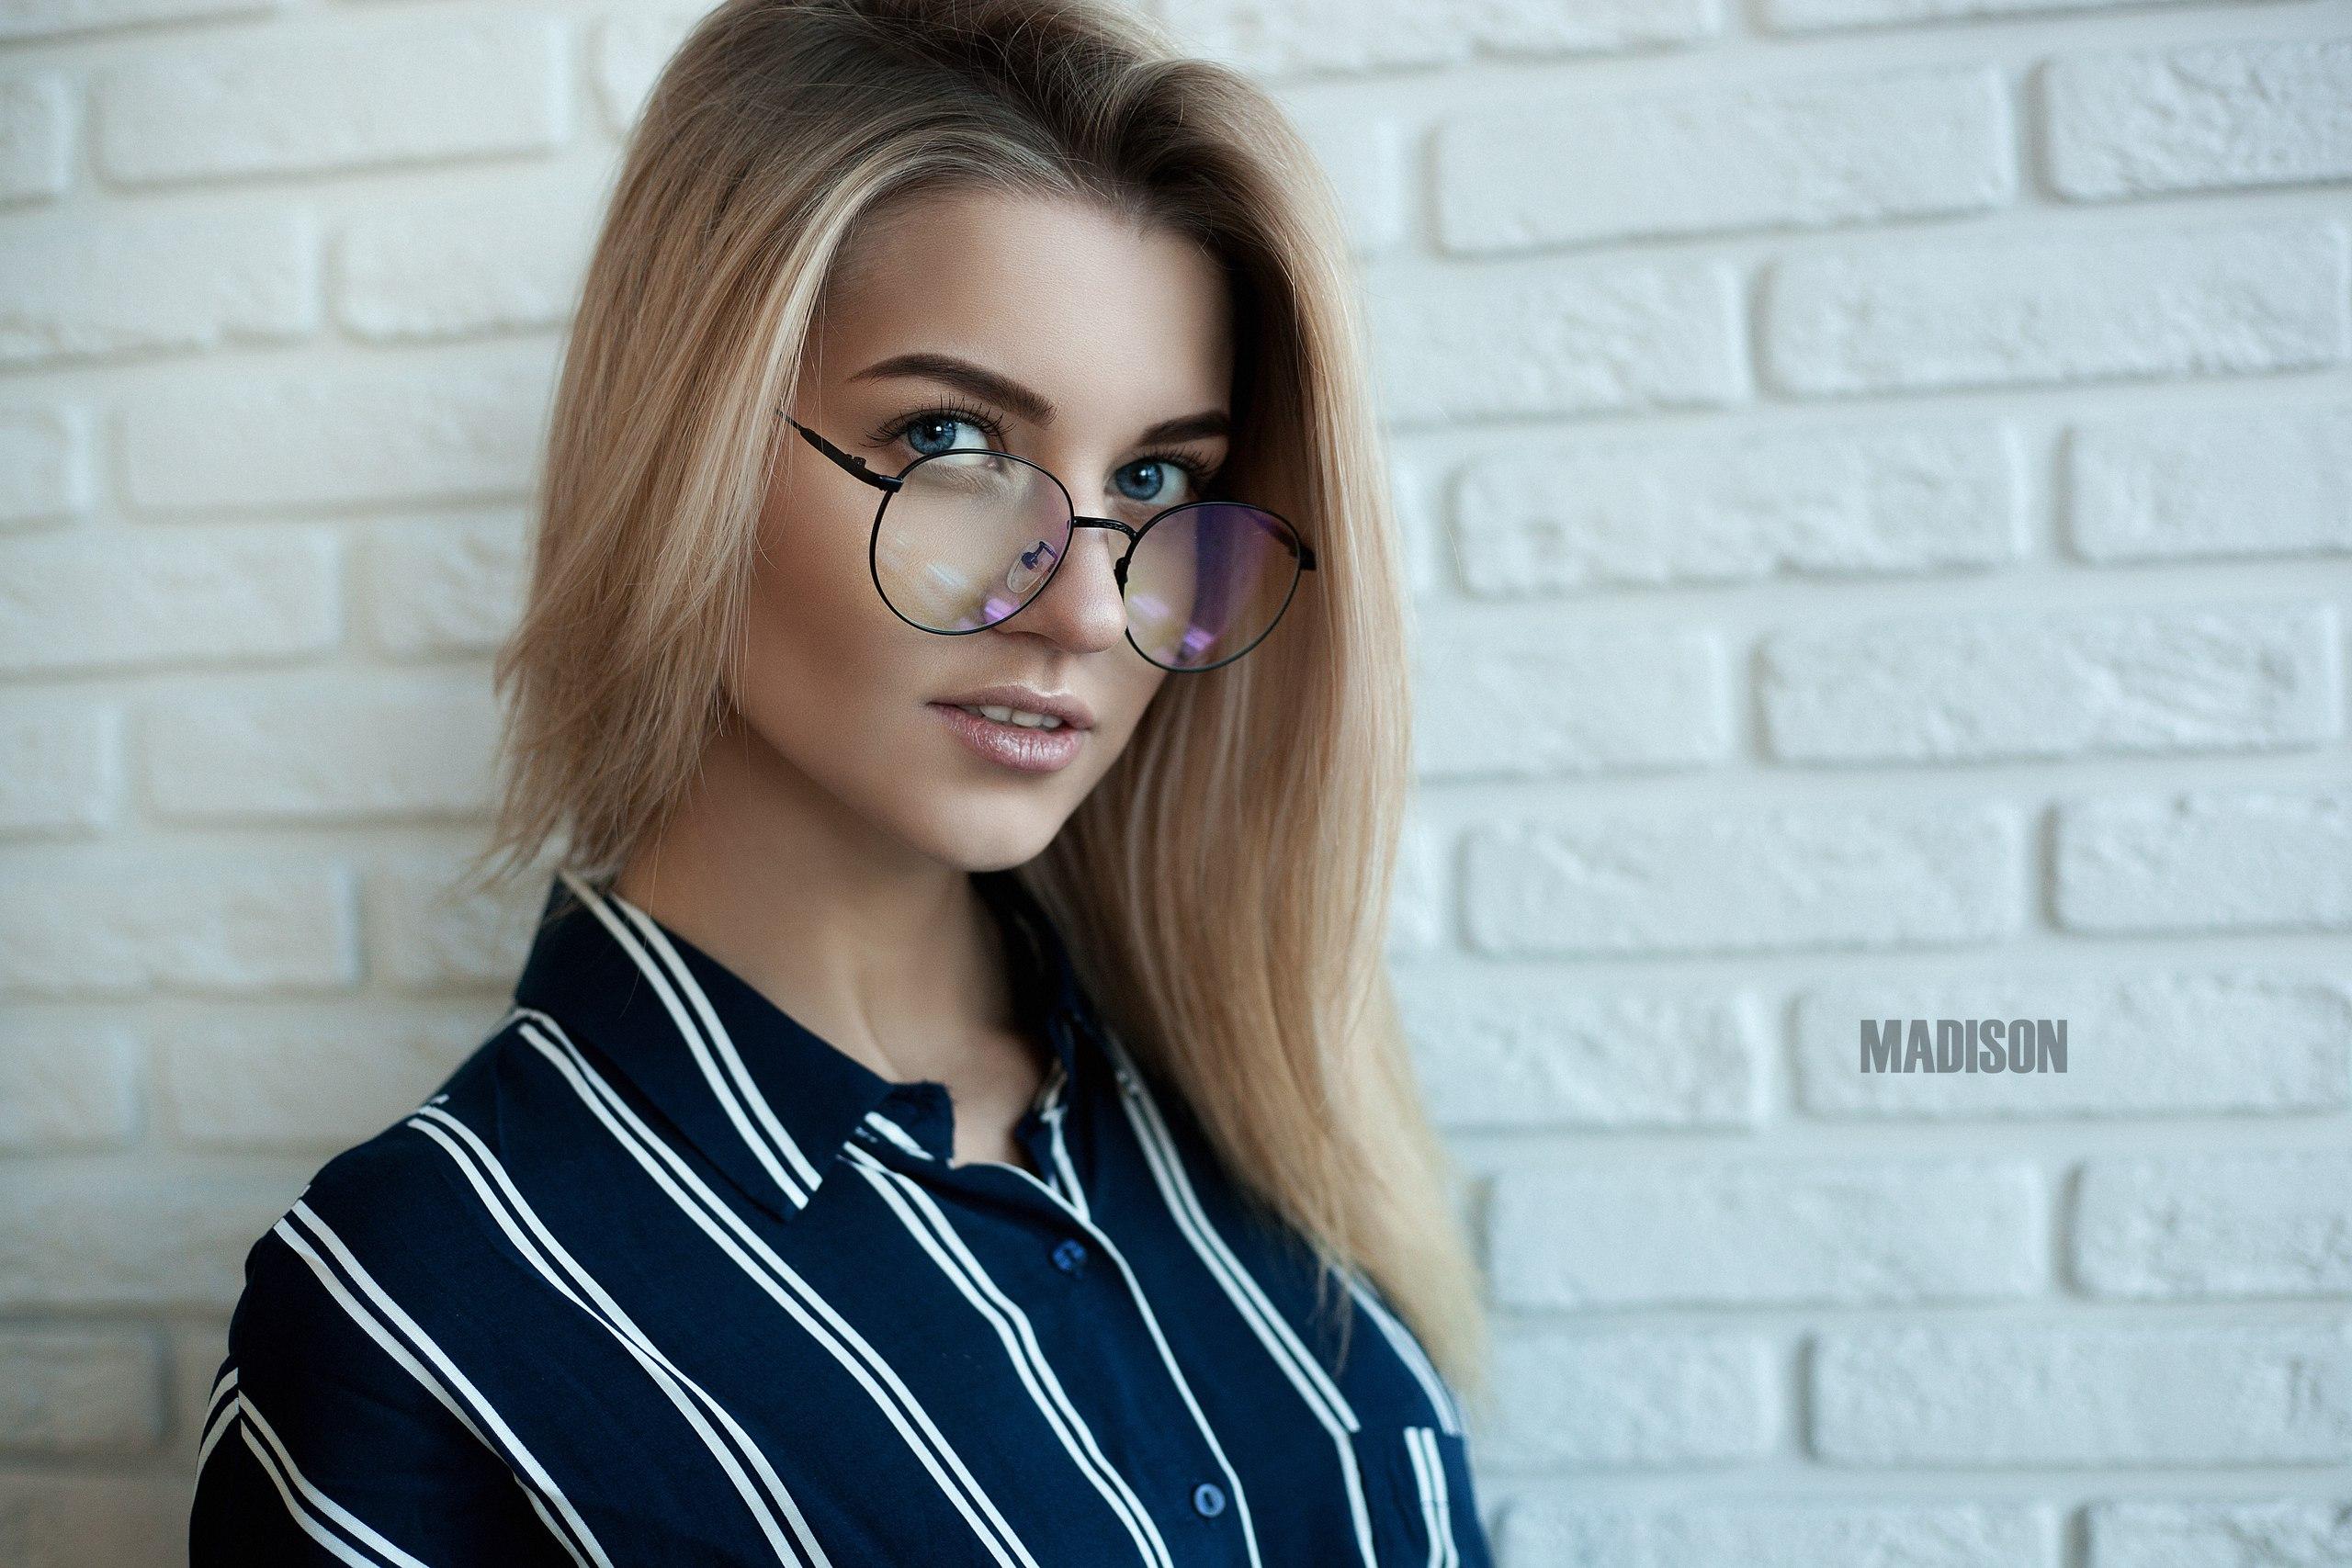 krasivaya-blondinka-medison-negri-do-bessoznatelnogo-sostoyaniya-otebali-telku